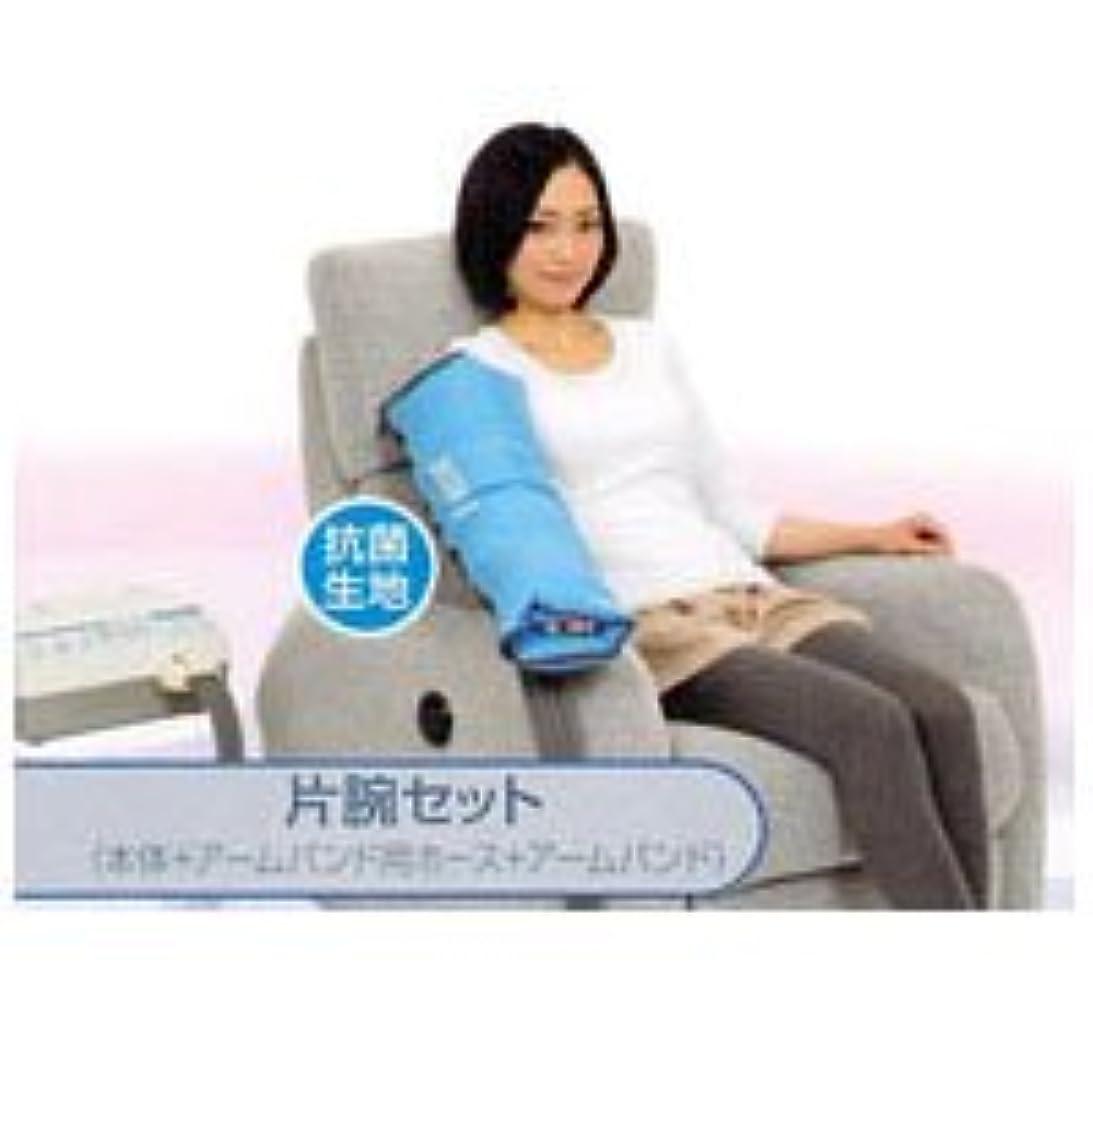 座る仲人換気ドクターメドマーDM-6000 (片腕セット)